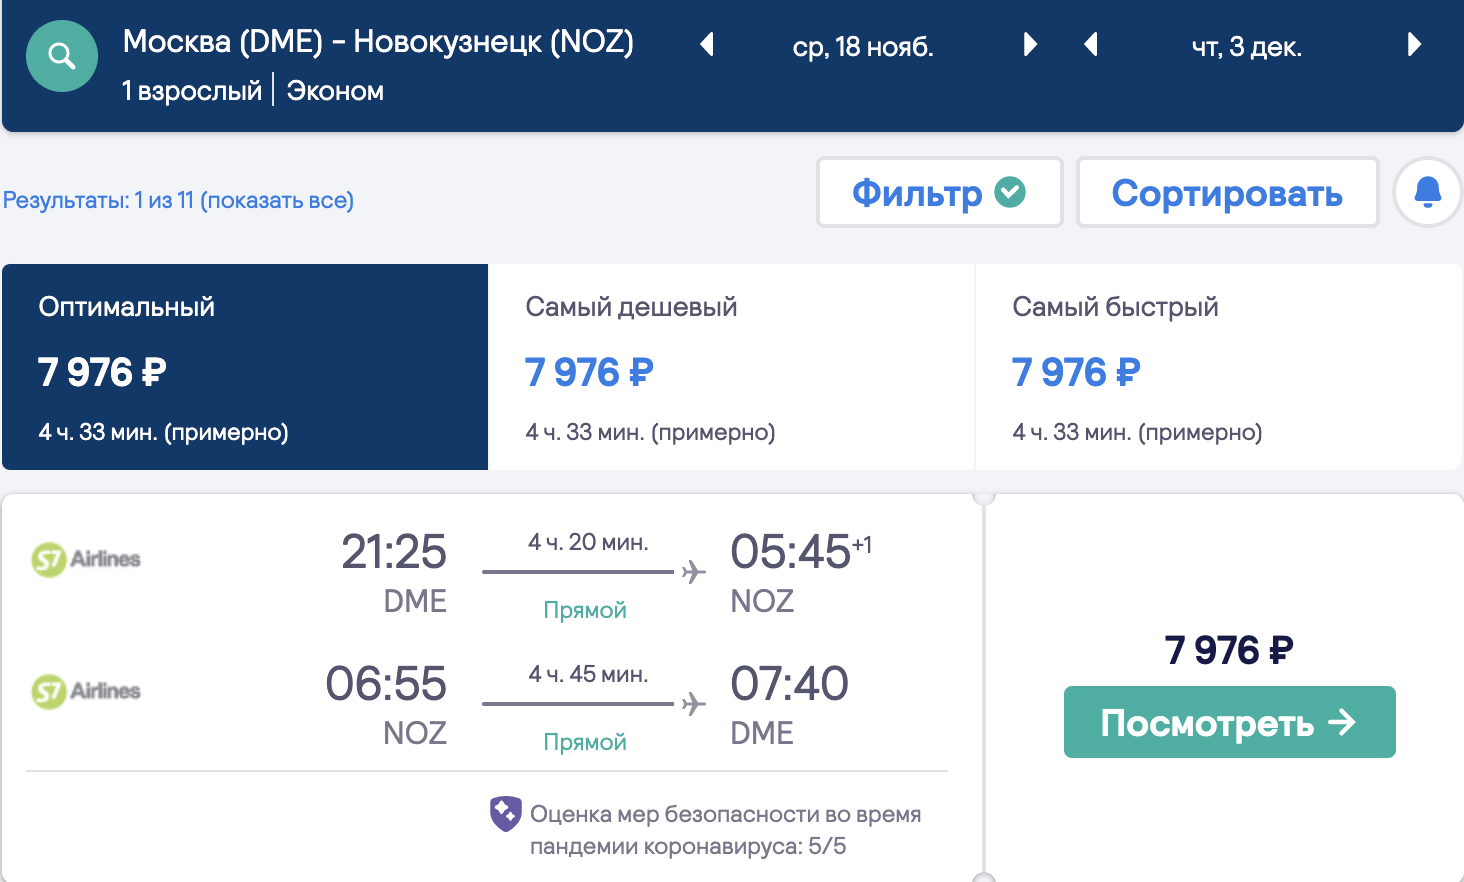 Распродажа S7: много дешевых билетов по России от 2990₽ туда-обратно (в Турцию тоже есть)